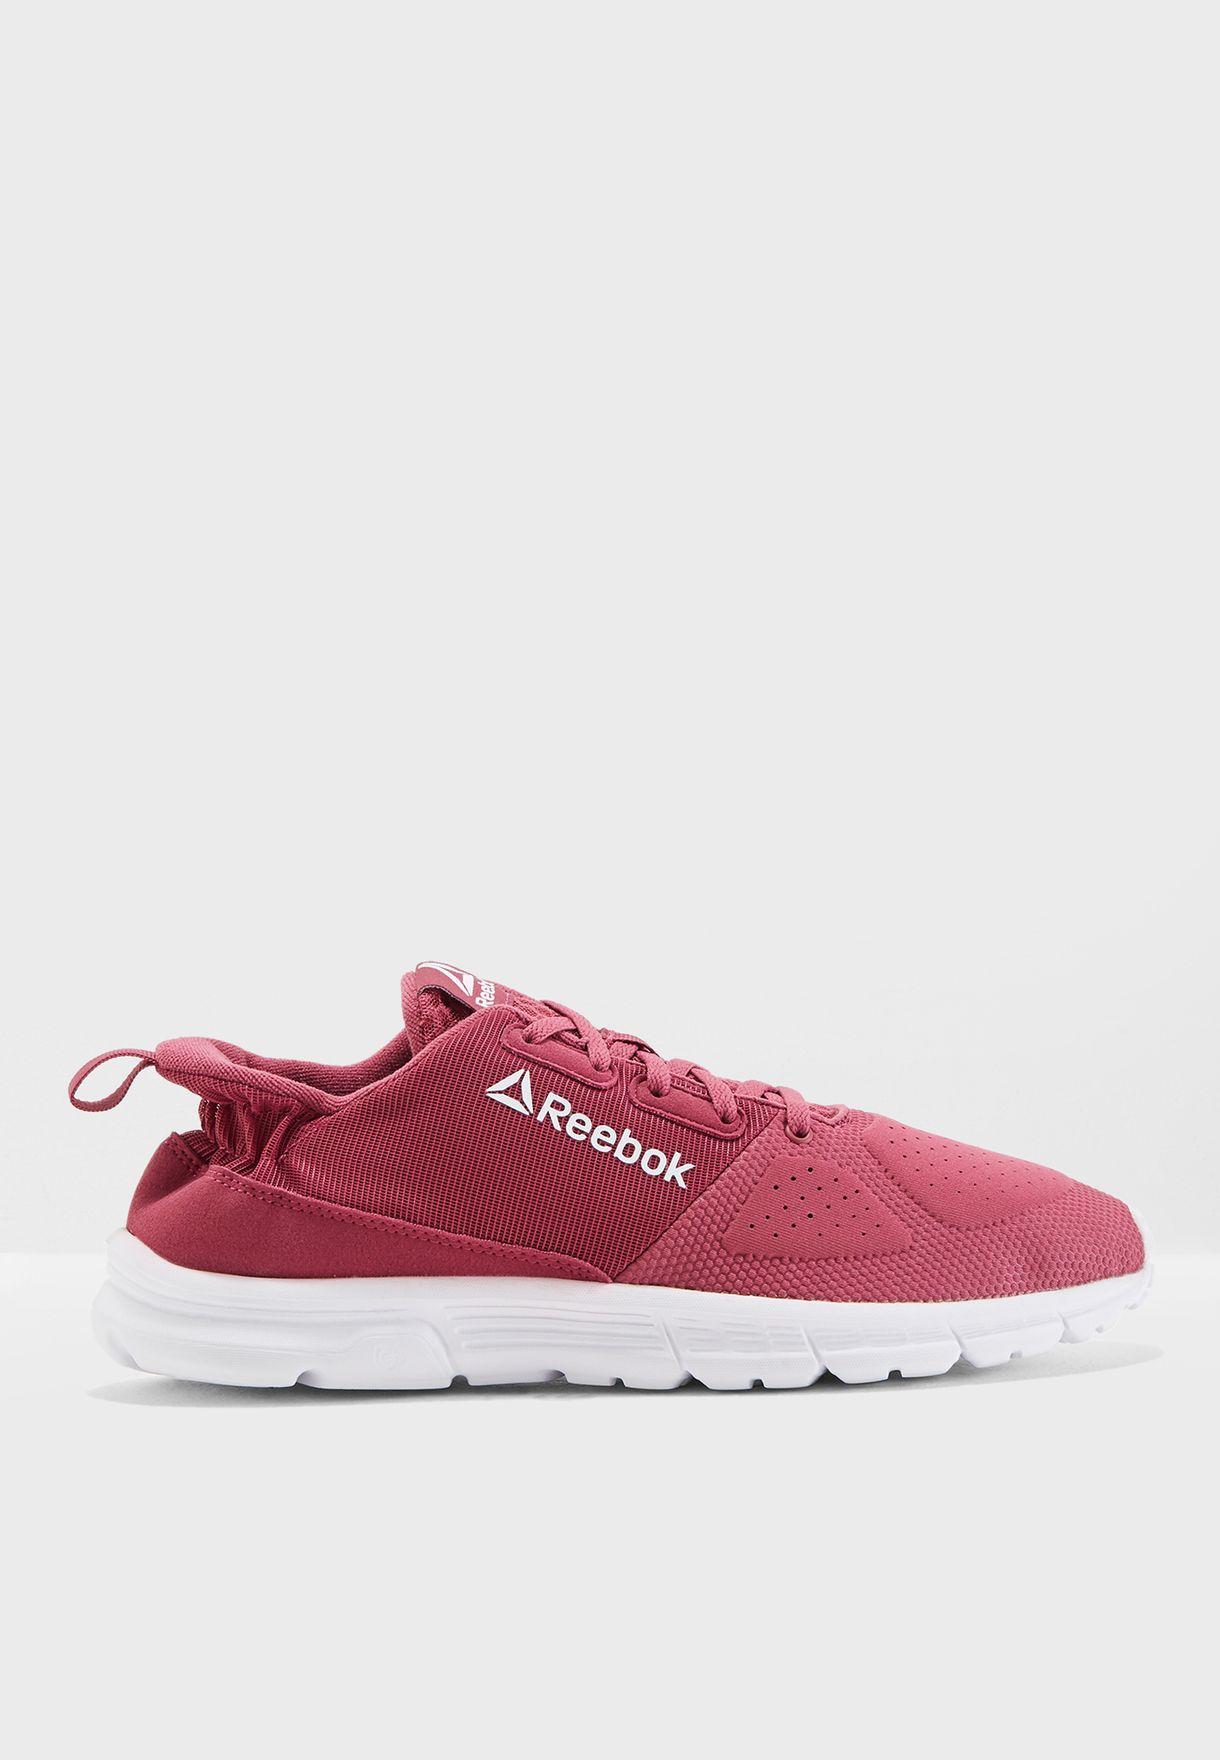 9e847deae تسوق حذاء إيم إم تي ماركة ريبوك لون أرجواني CN5856 في السعودية ...